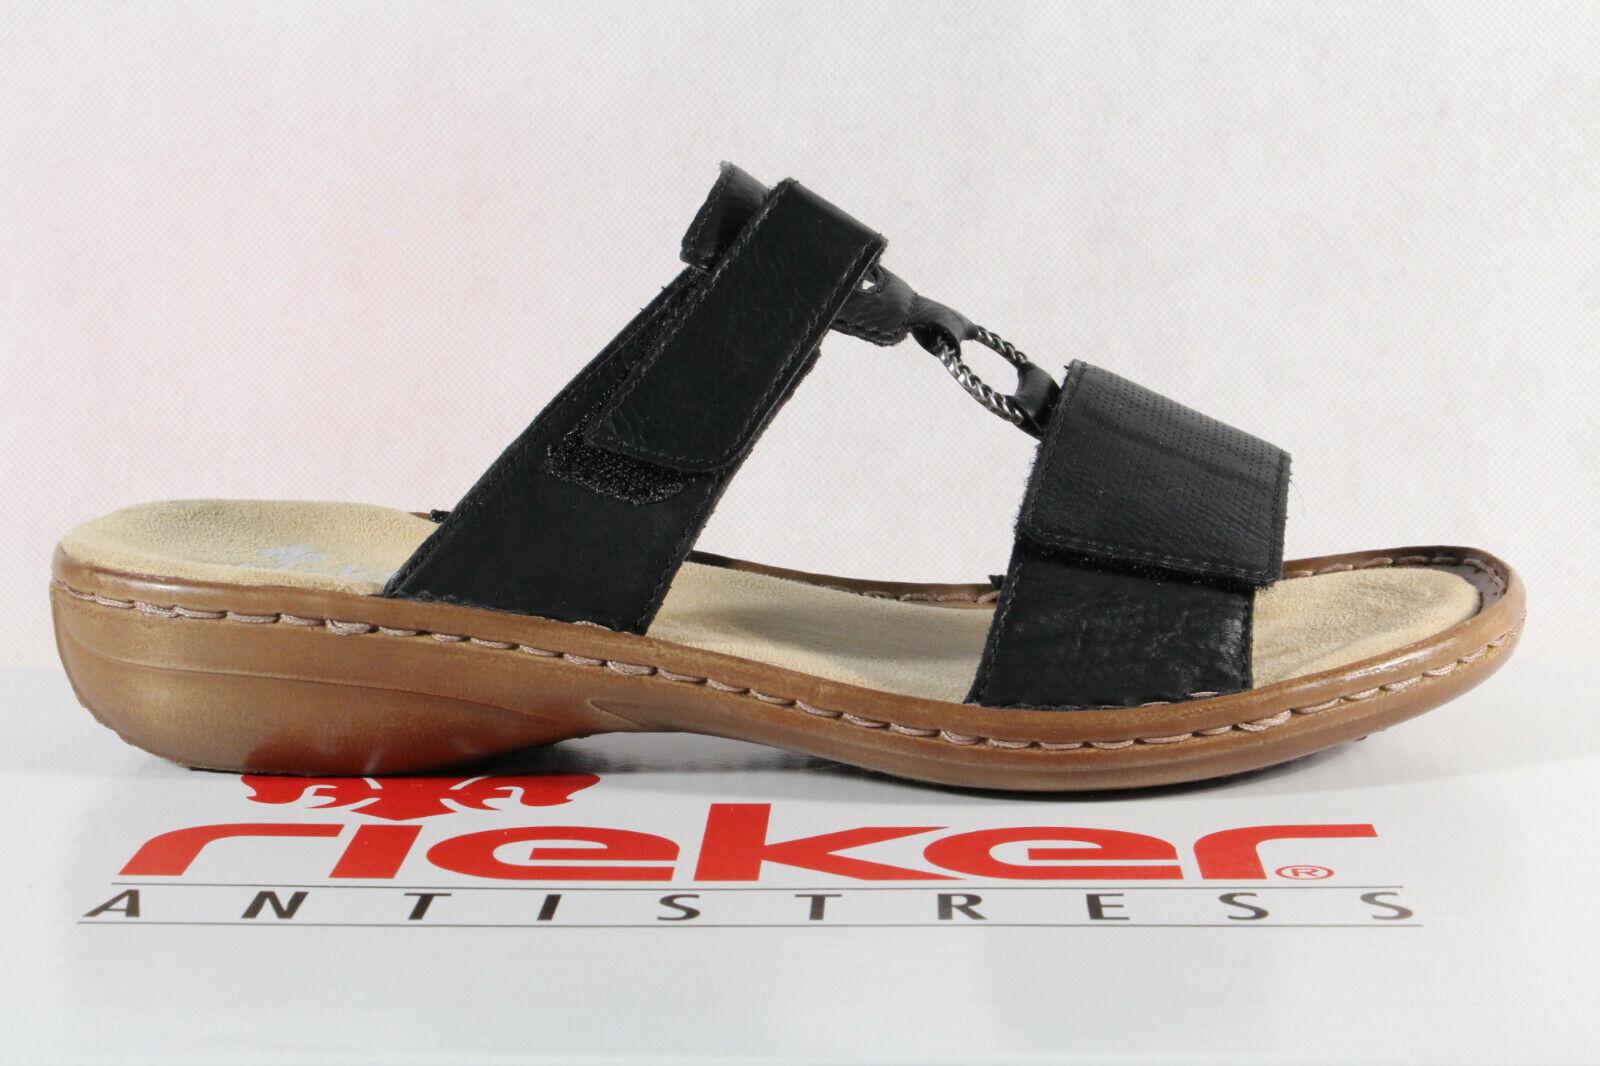 Rieker Damen Pantolette Pantoletten Pantoffel Hausschuhe schwarz 60885 NEU!